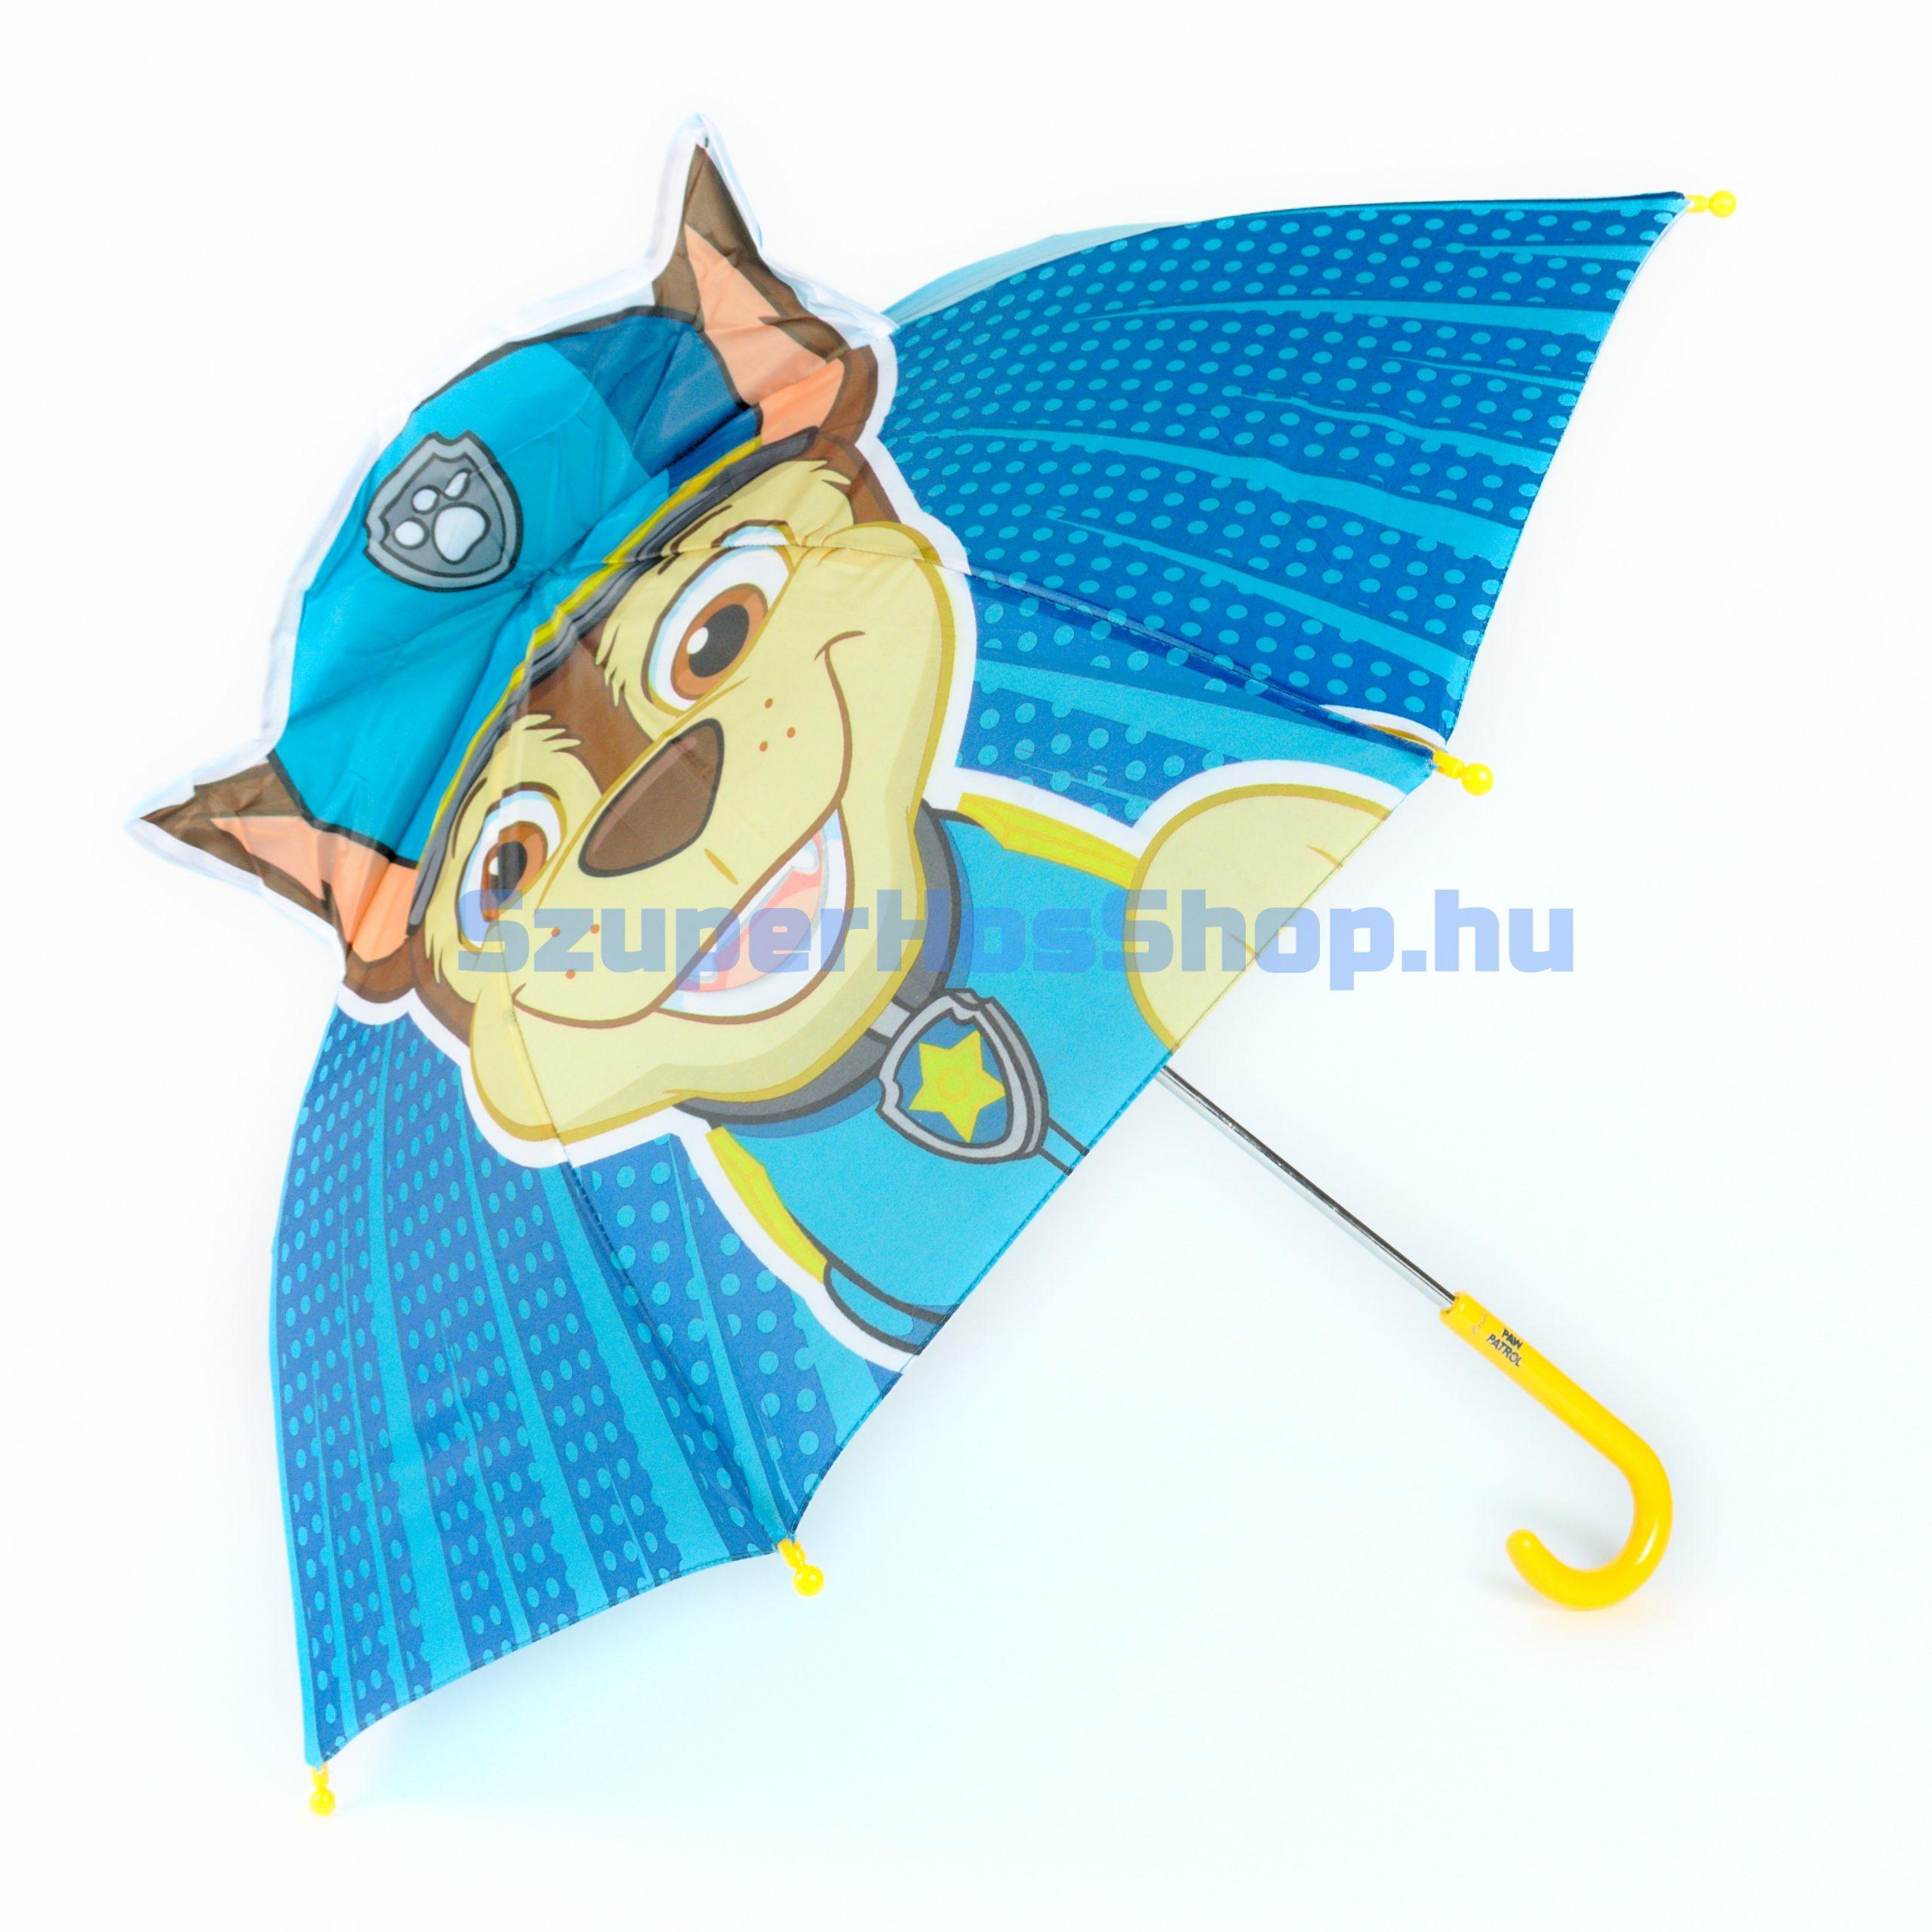 Mancs őrjárat füles esernyő (Paw Patrol)